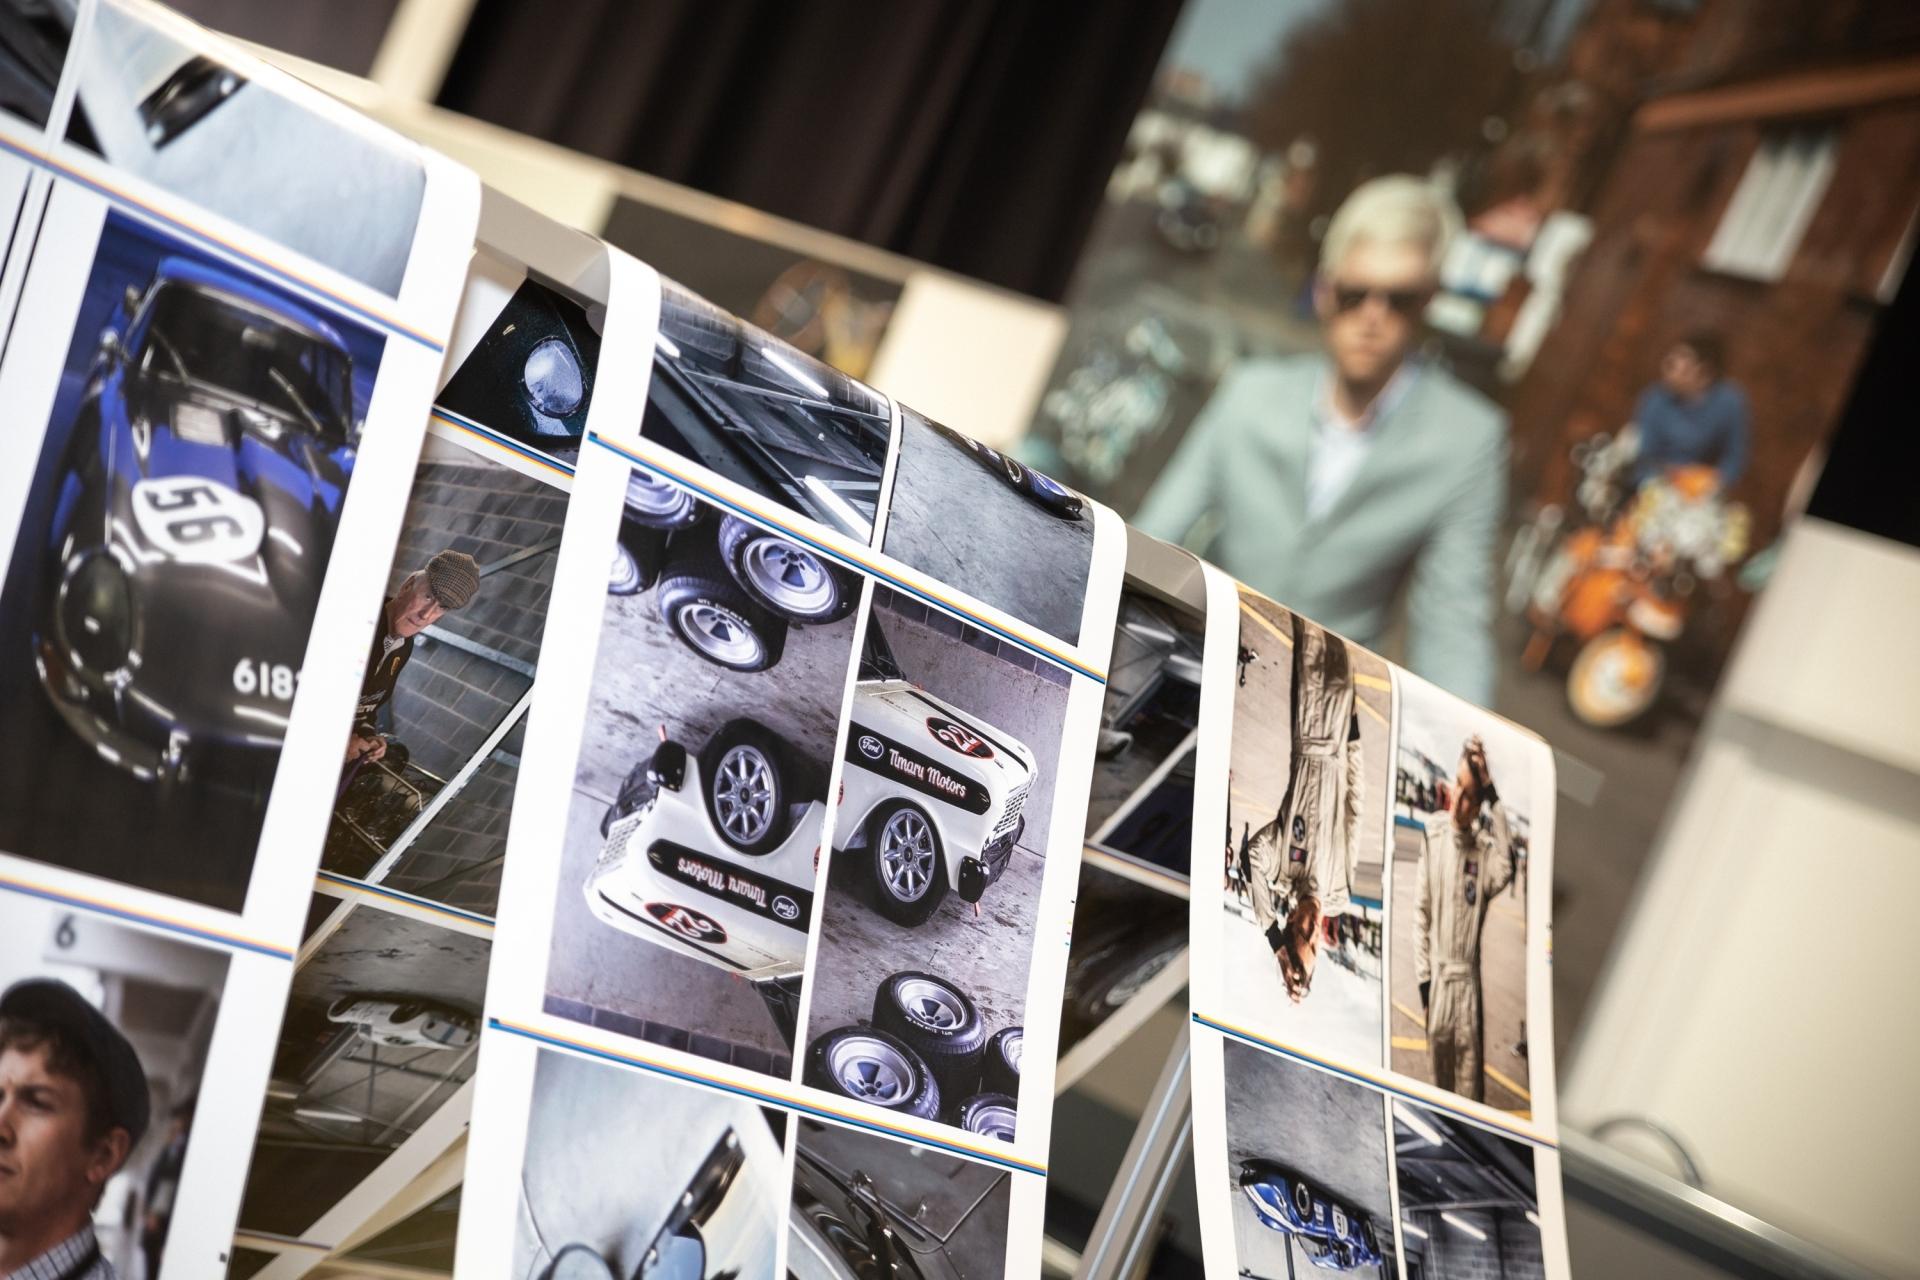 Erstellung von HD-Fotobüchern powered by Canon mit der fotobook Software - Canon Academy Fotobuch